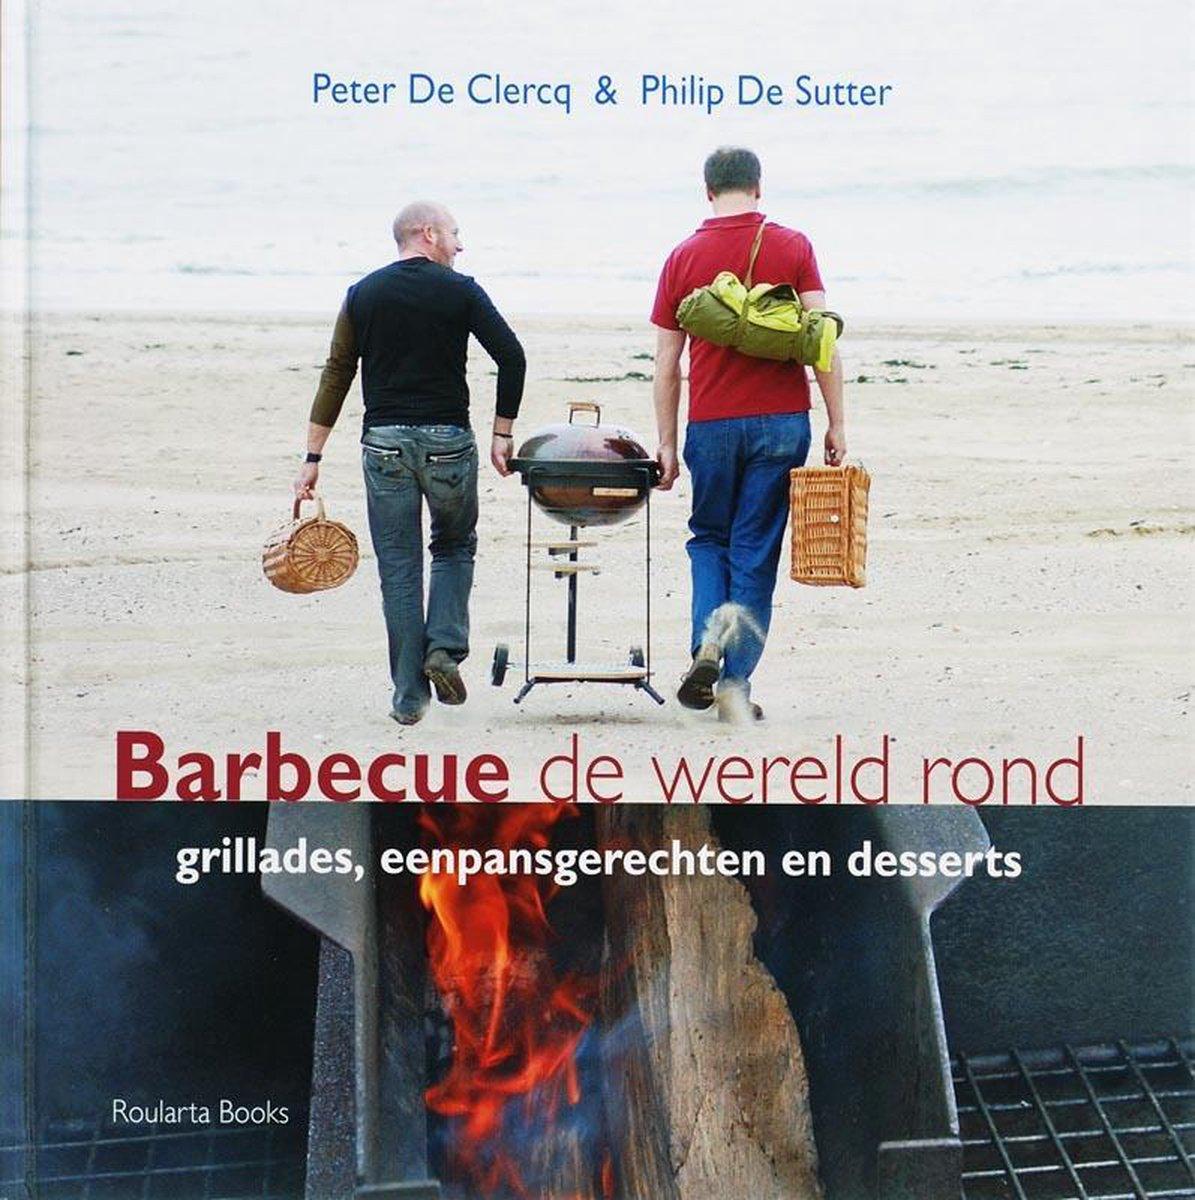 Barbecue de wereld rond